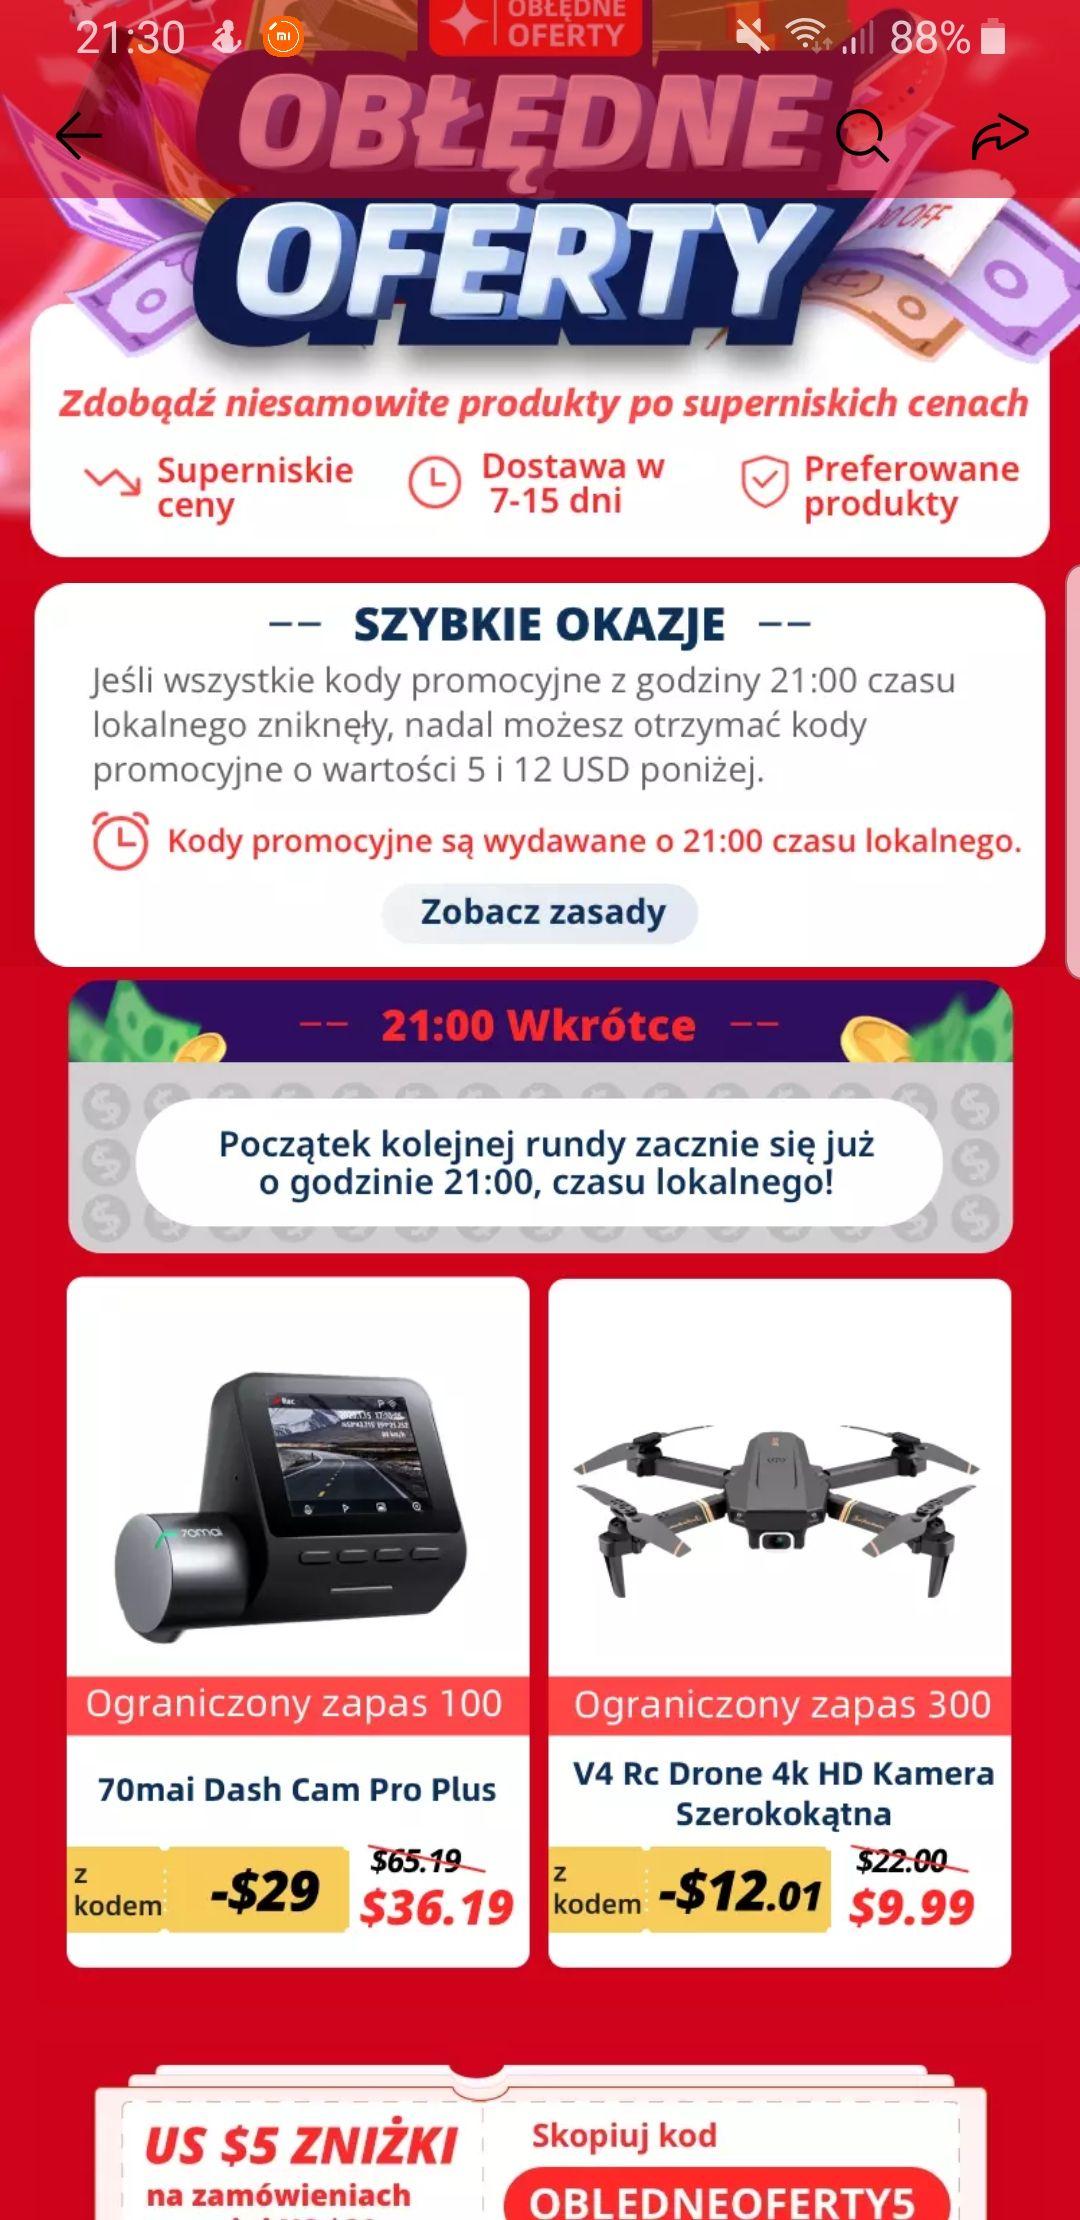 V4 Rc Dron 4k HD kamera szerokokątna ( 9.99$ )